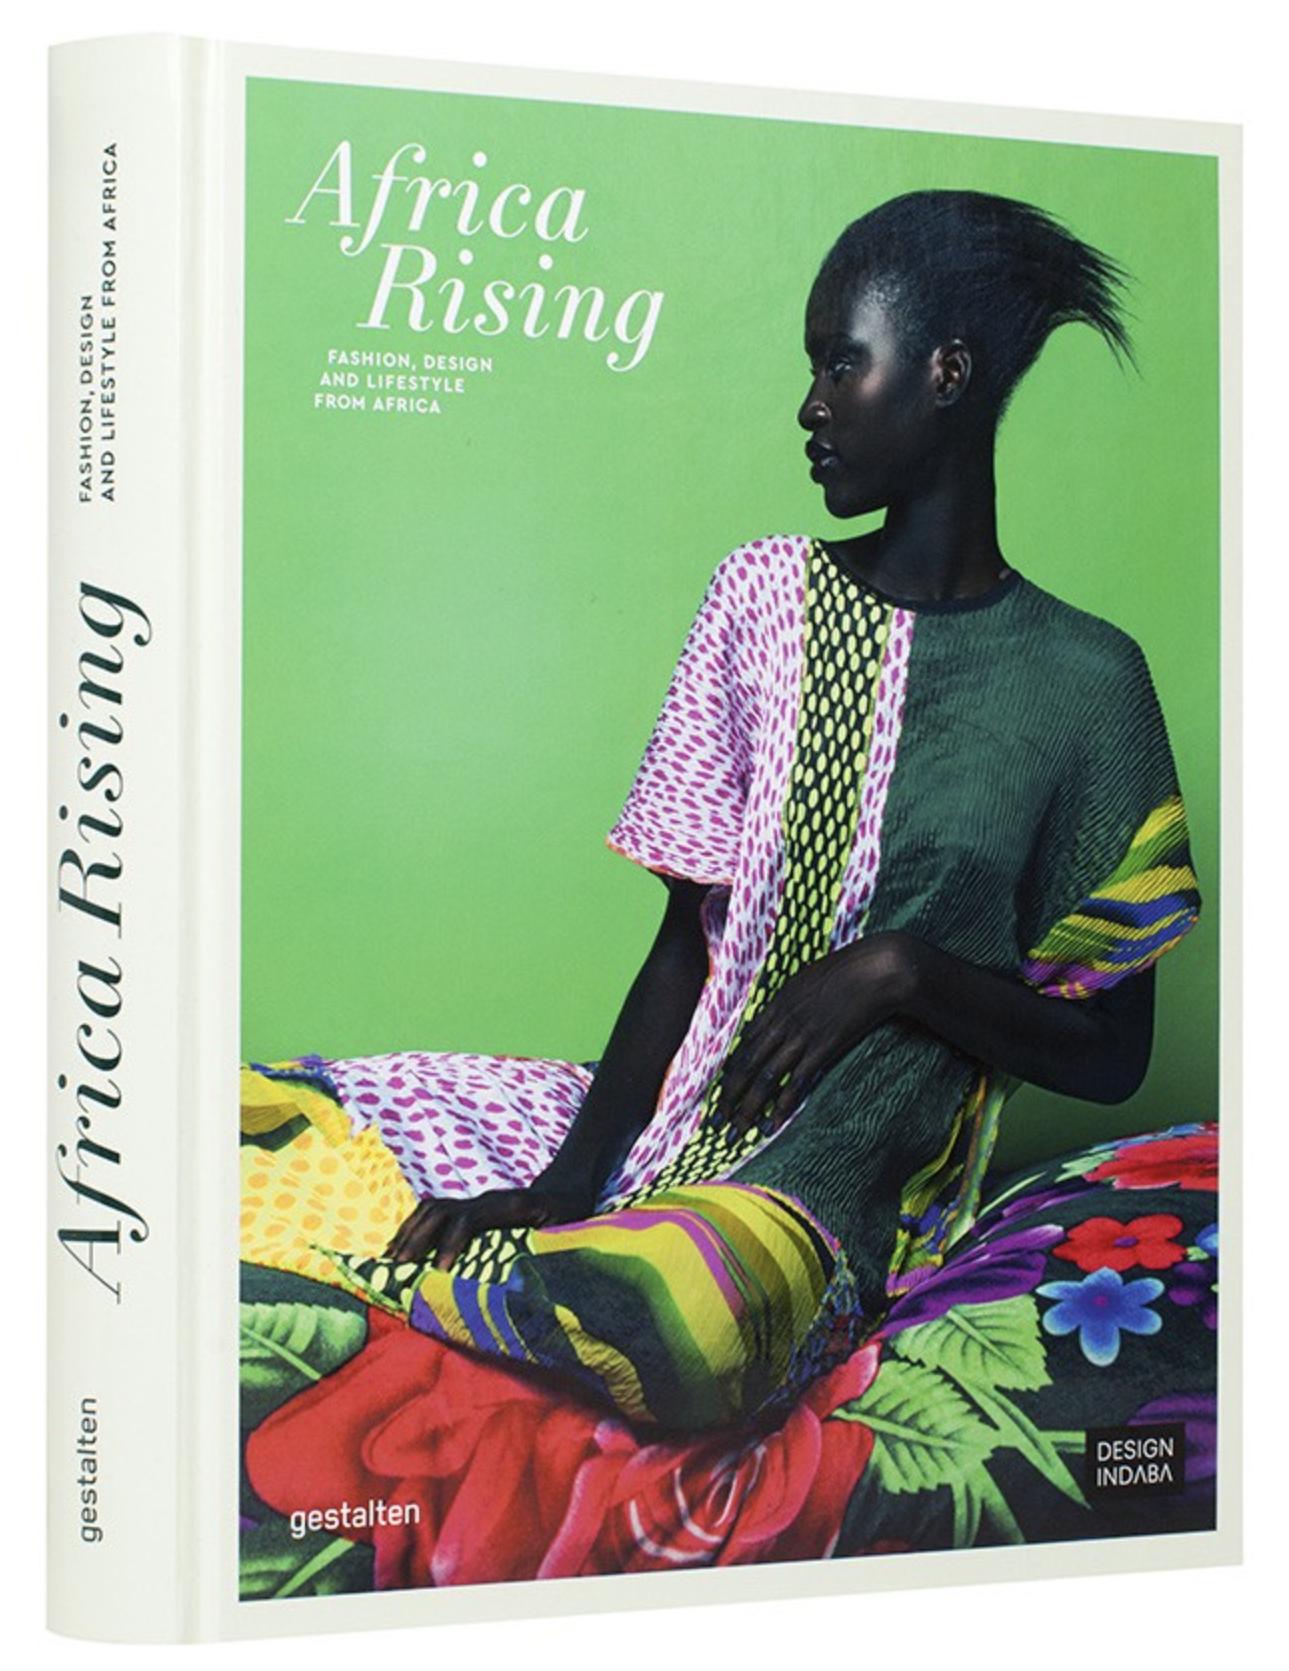 Gestalten_AfricaRising2.png